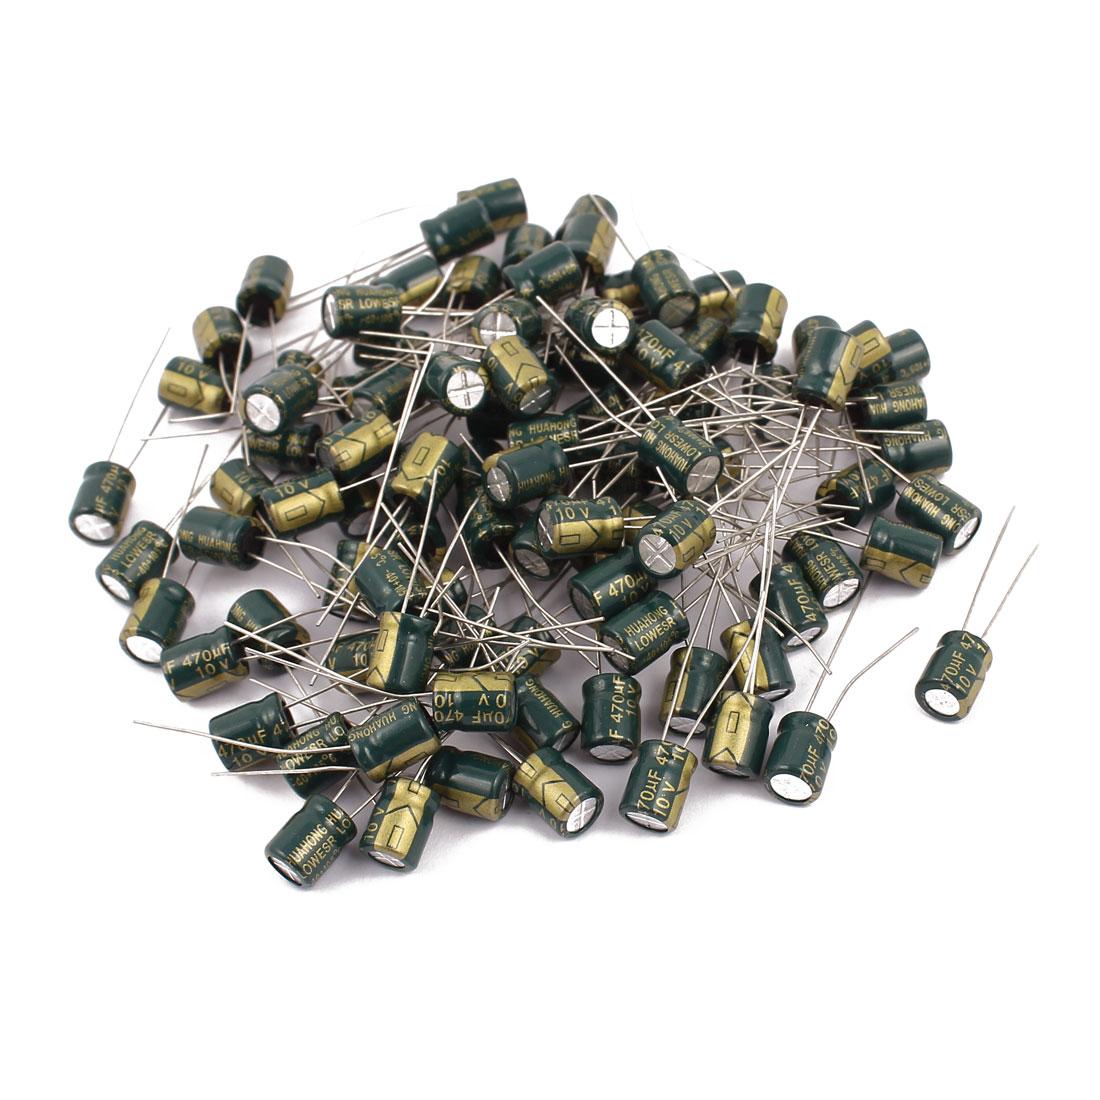 96Pcs 10V 470UF Aluminum Electrolytic Capacitors 105 degree Celsius 6.3x7mm